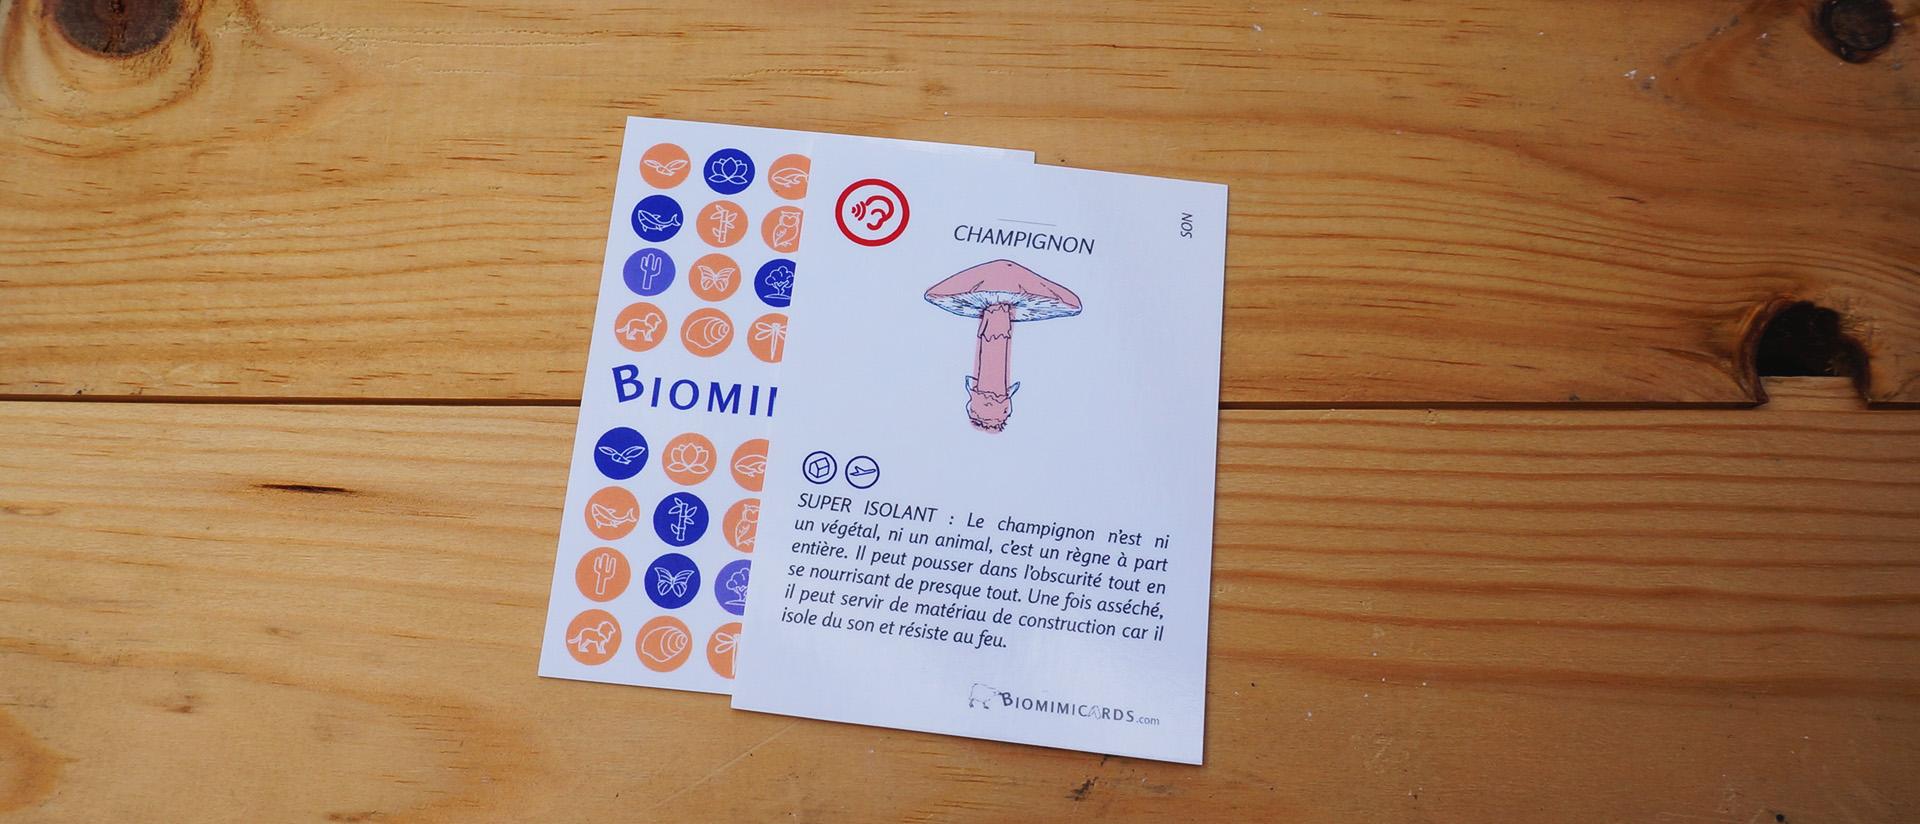 carte-son-champignon.jpg